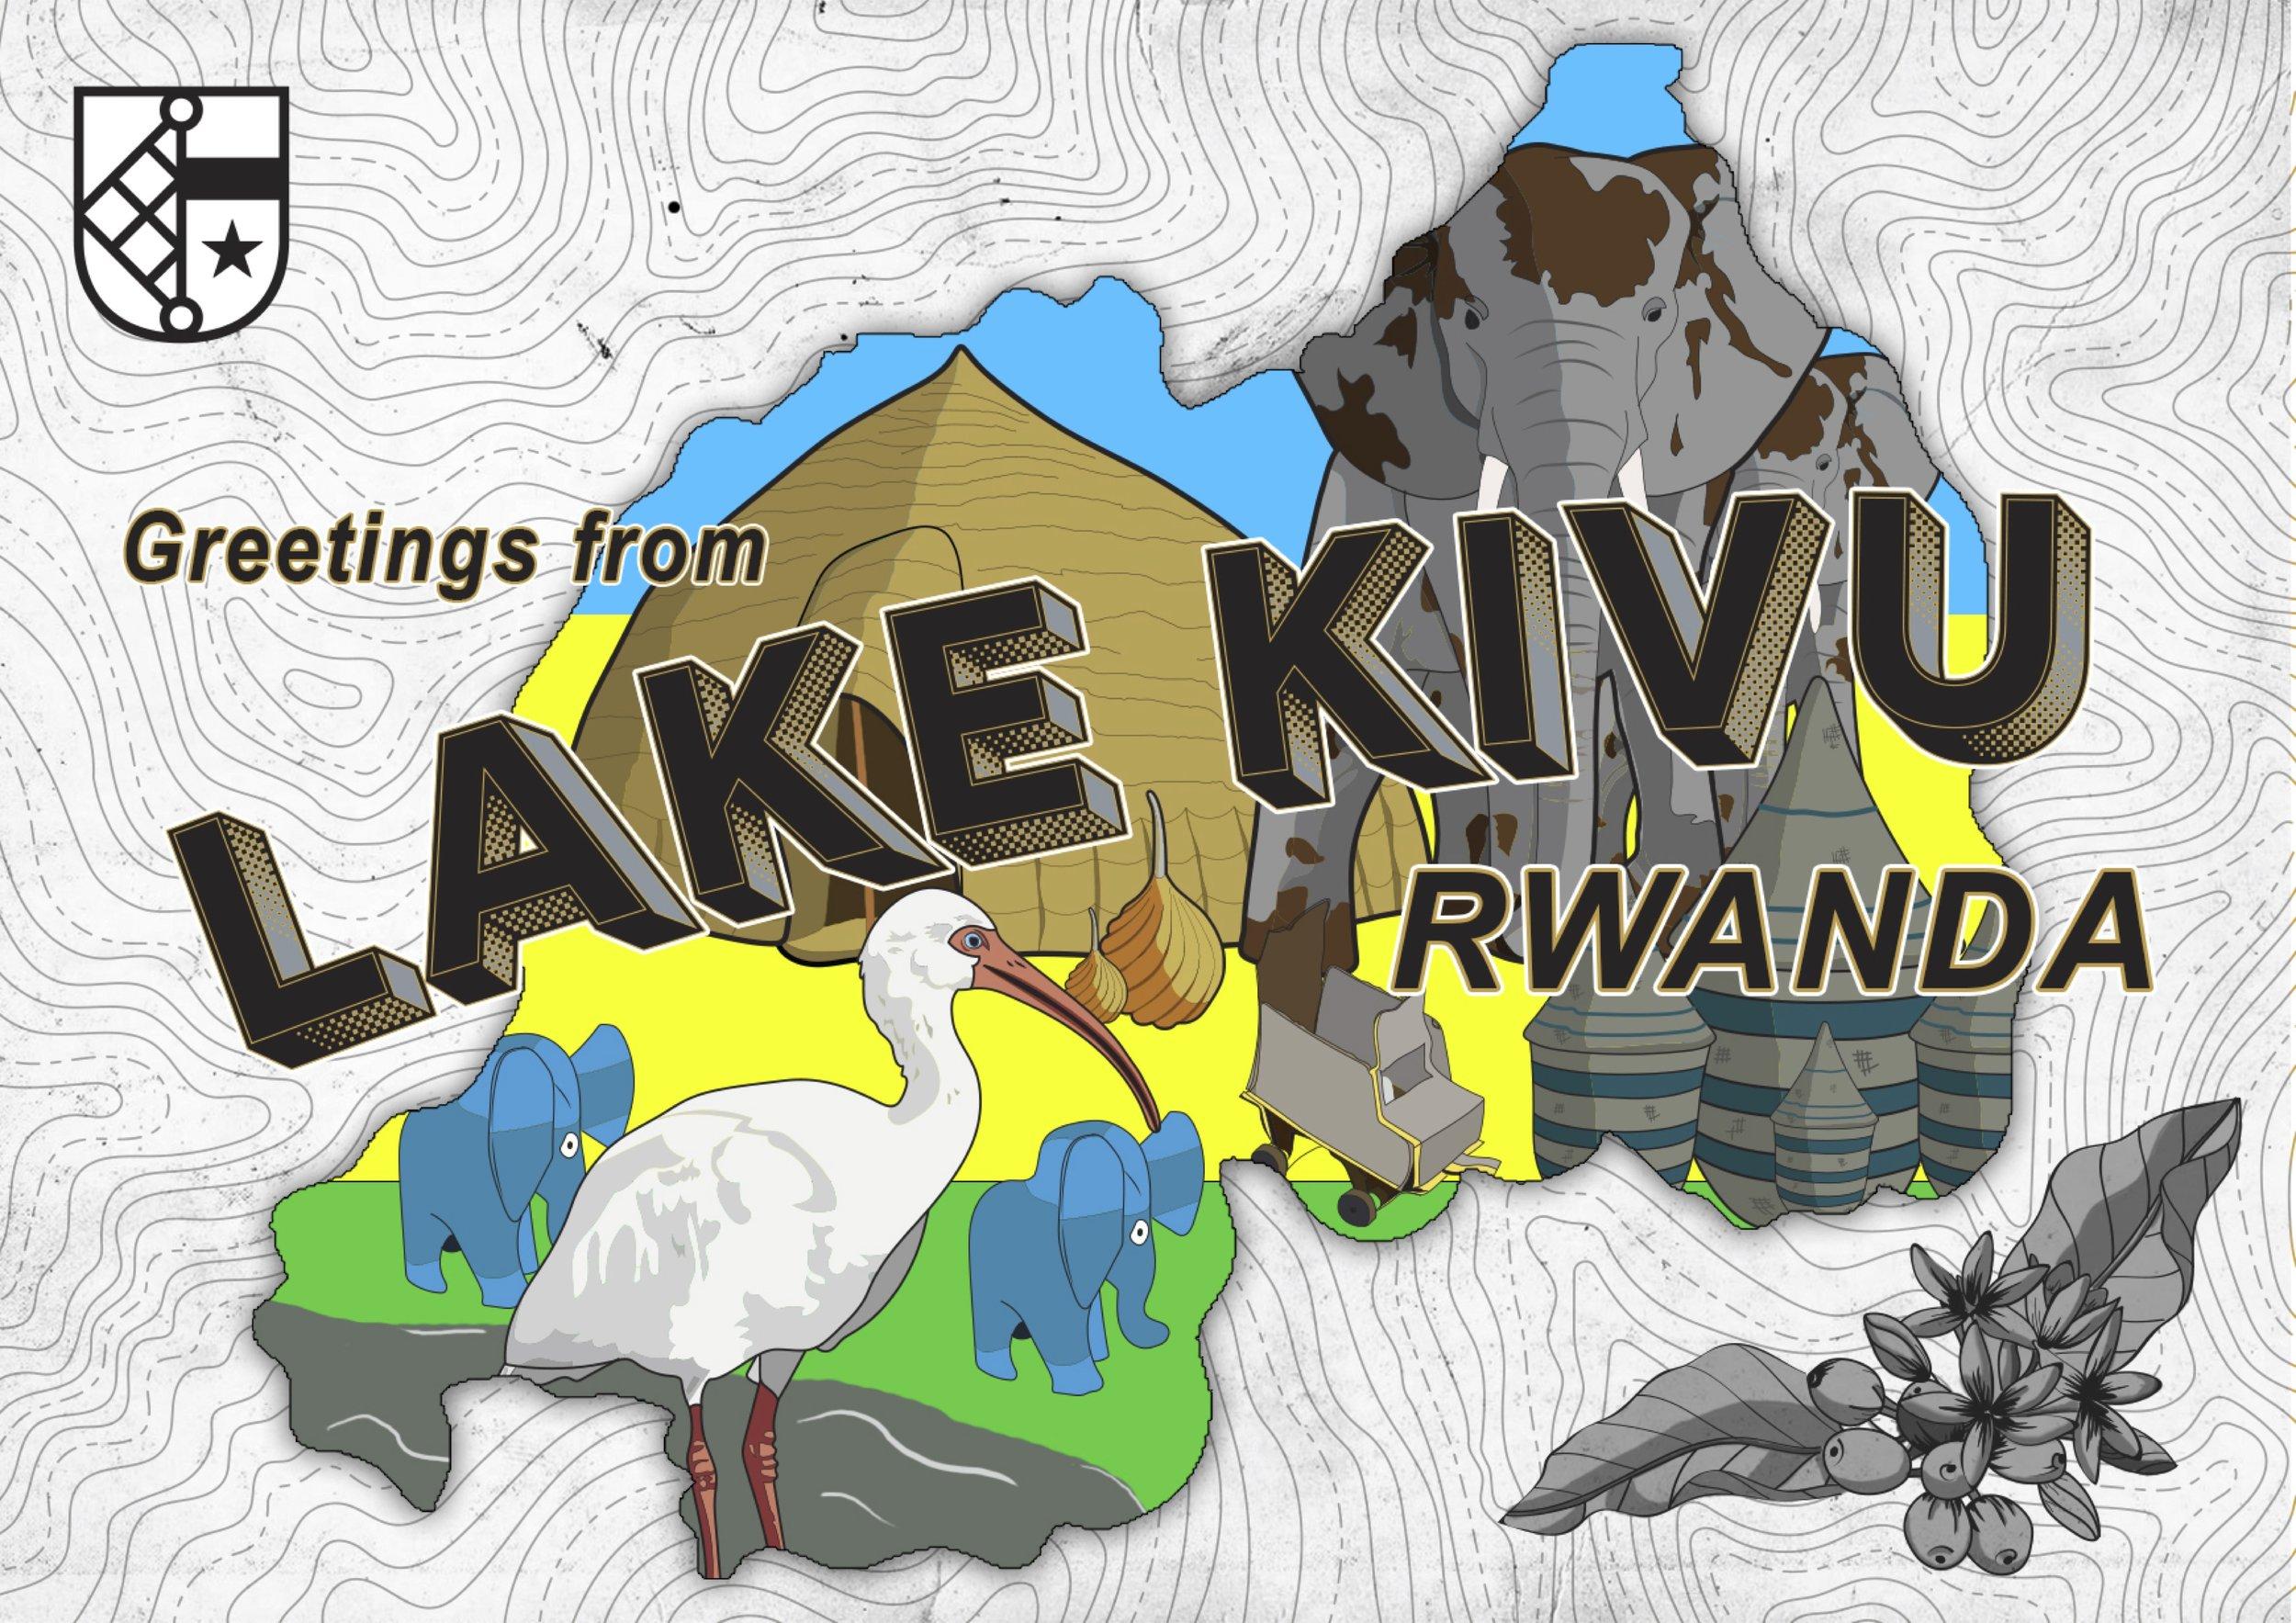 Rwanda_Postcard.jpg